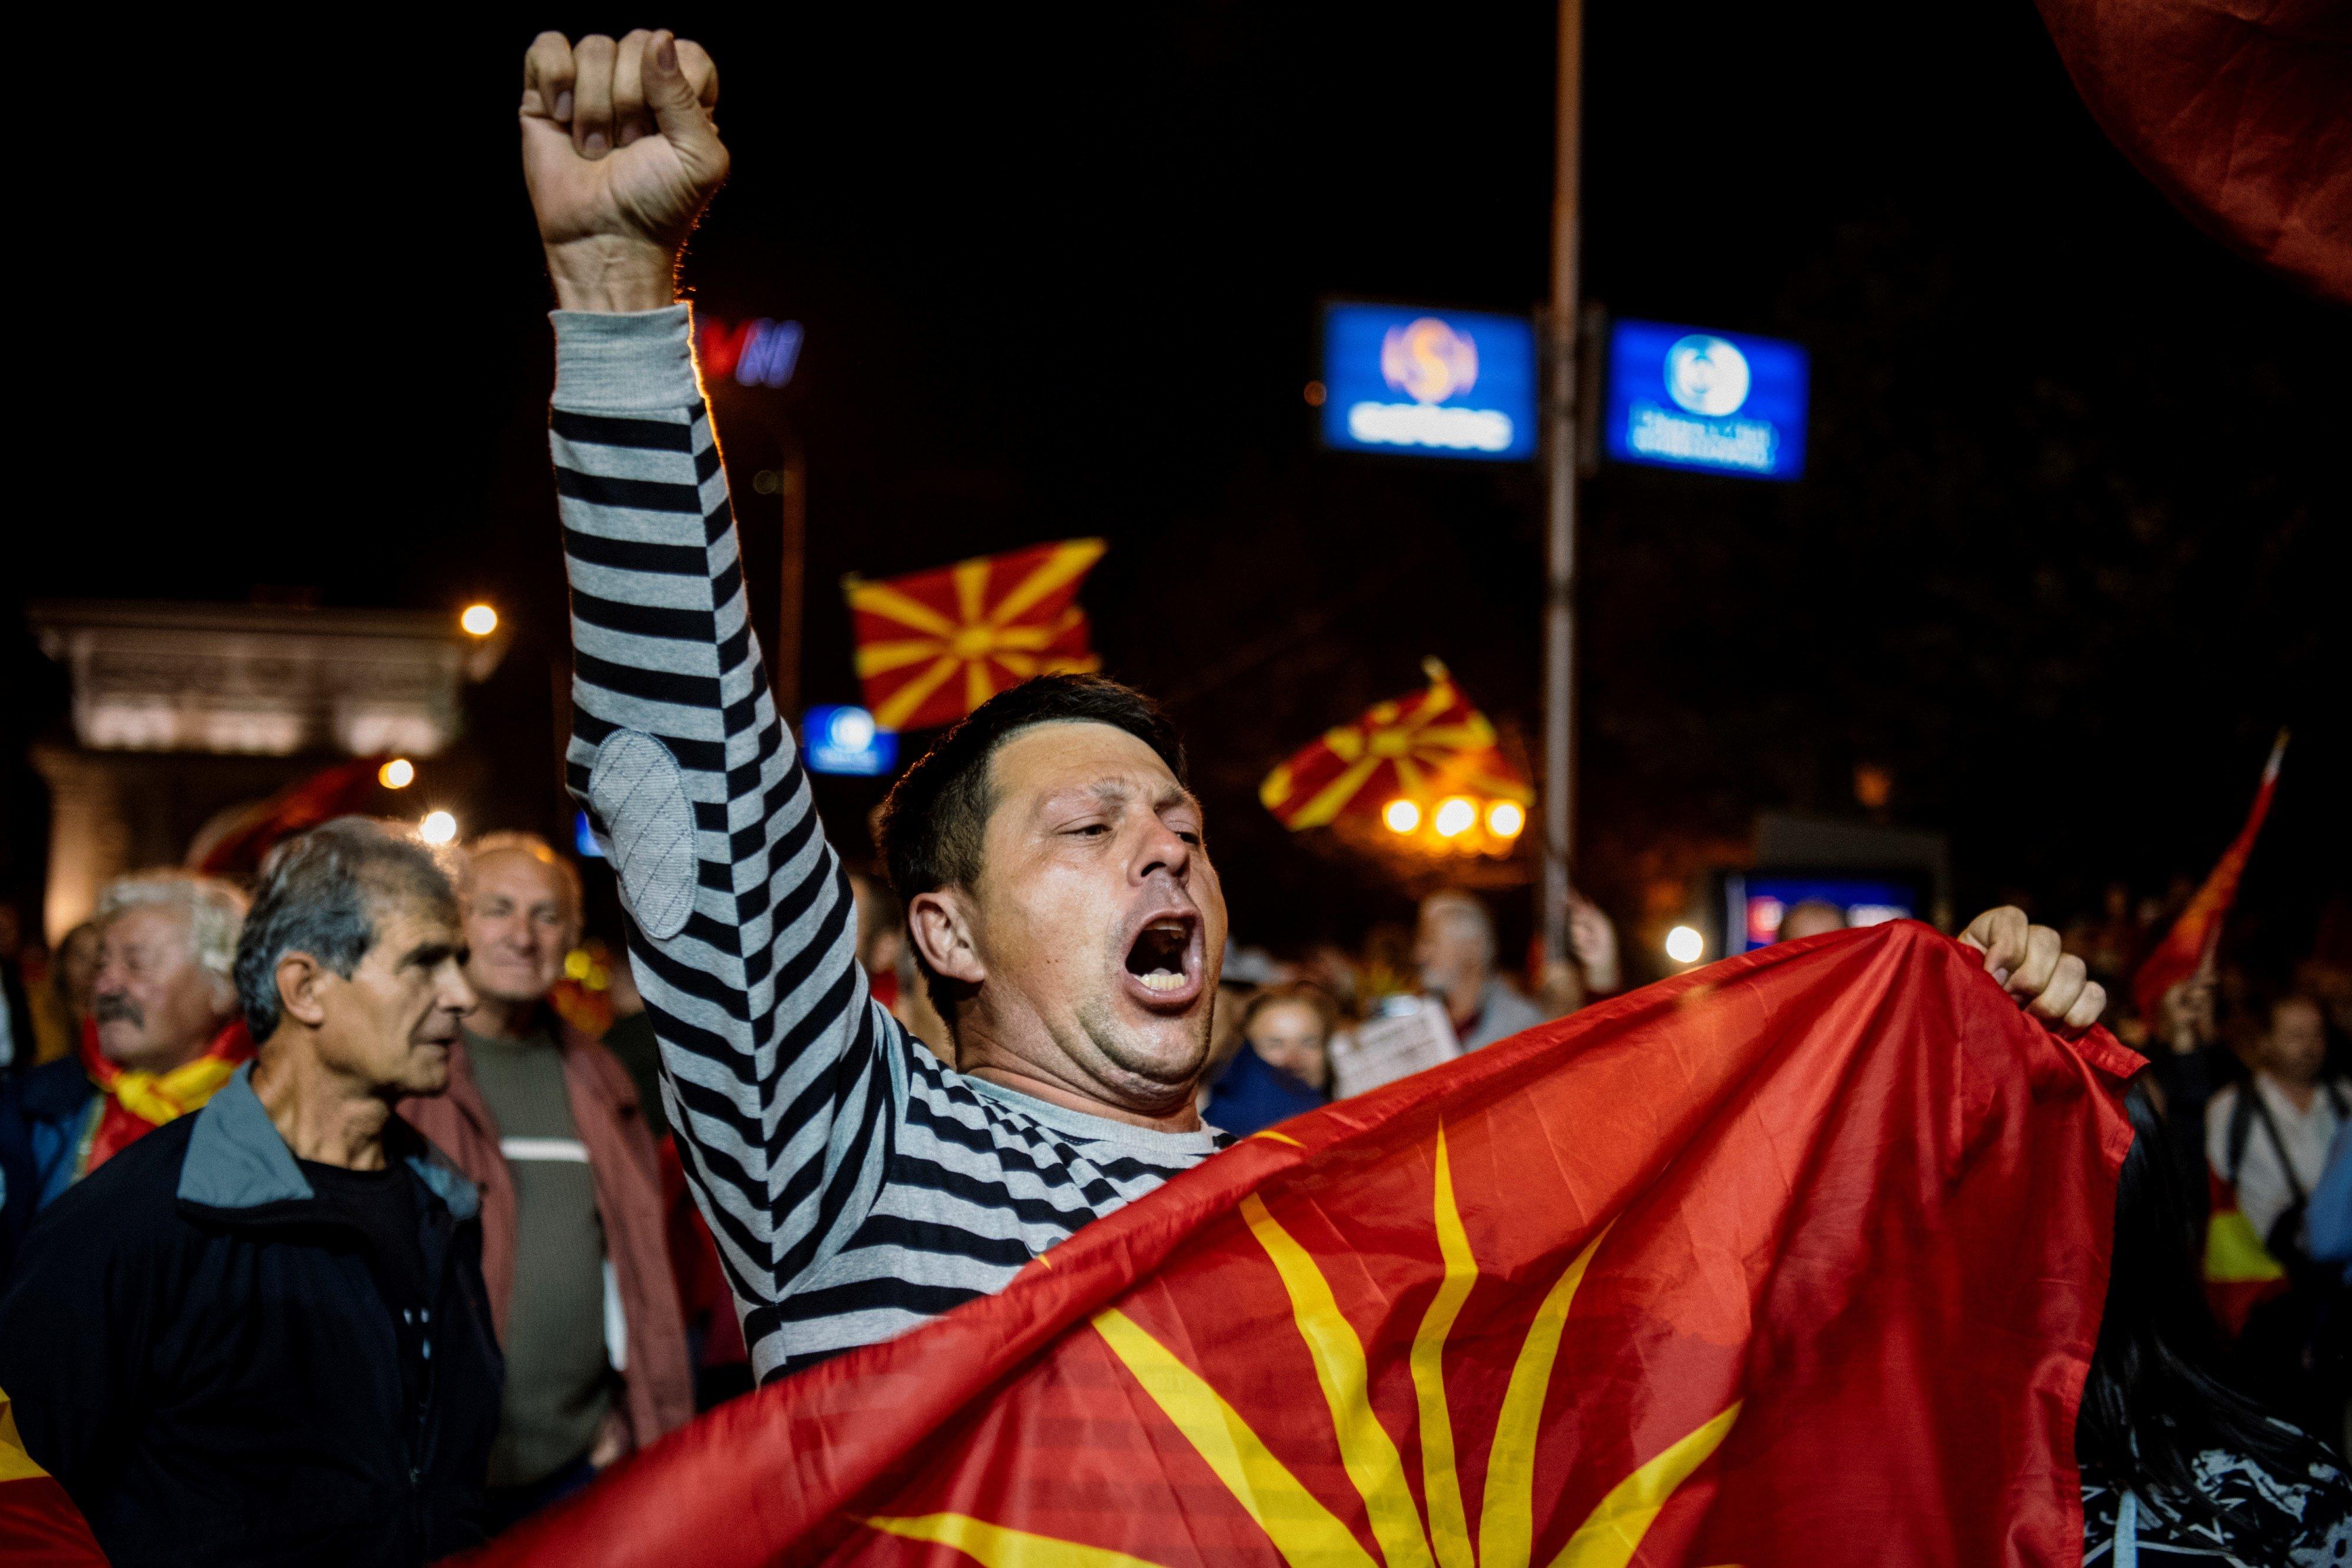 Ελληνικό Υπουργείο Εξωτερικών: Αντιφατικό το αποτέλεσμα του δημοψηφίσματος στην